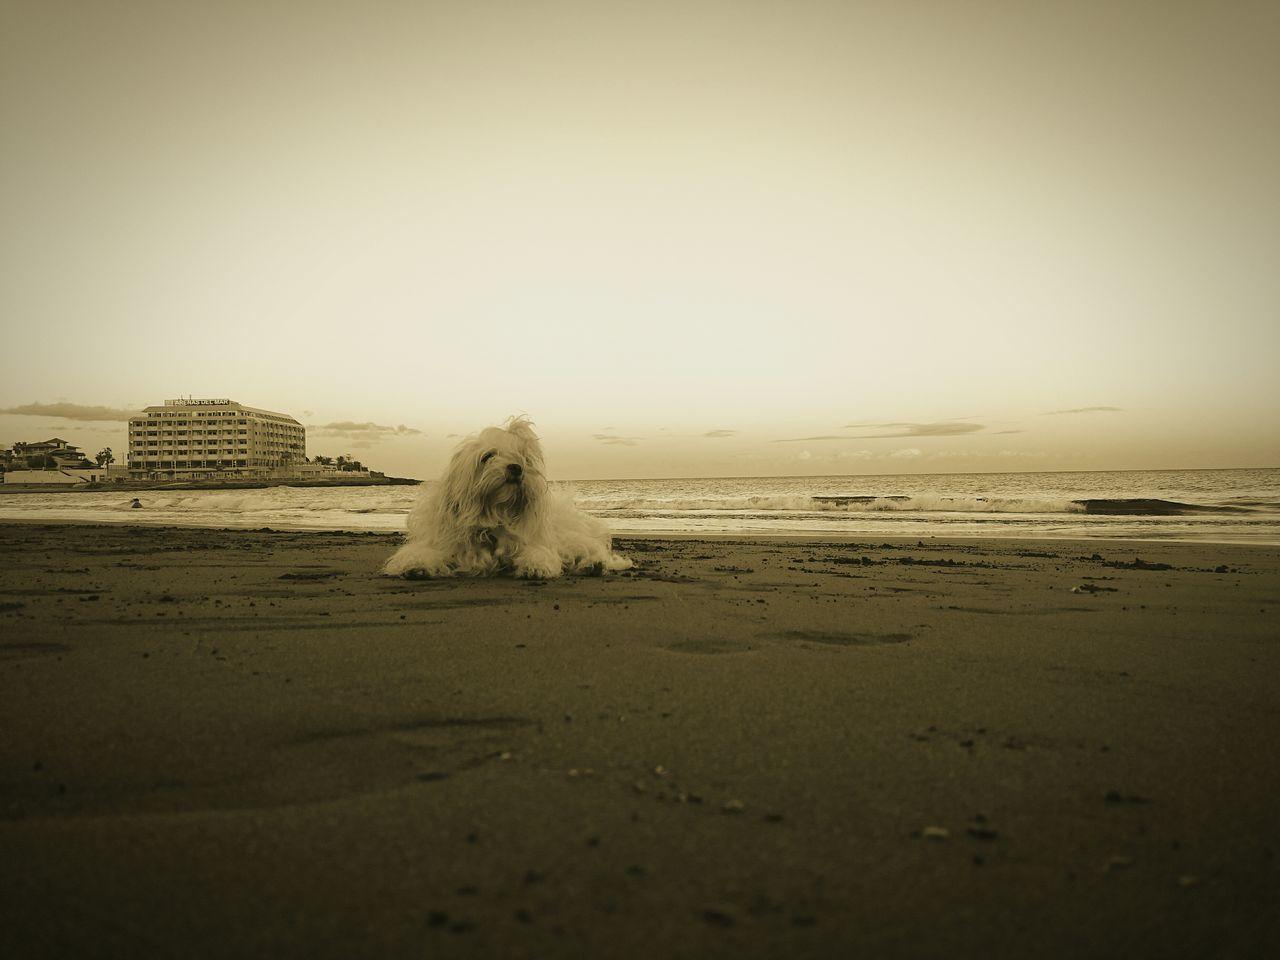 Beach Enjoying Life On The Beach Dogslife Maltese Dog Maltese Sand & Sea Sandy Beach